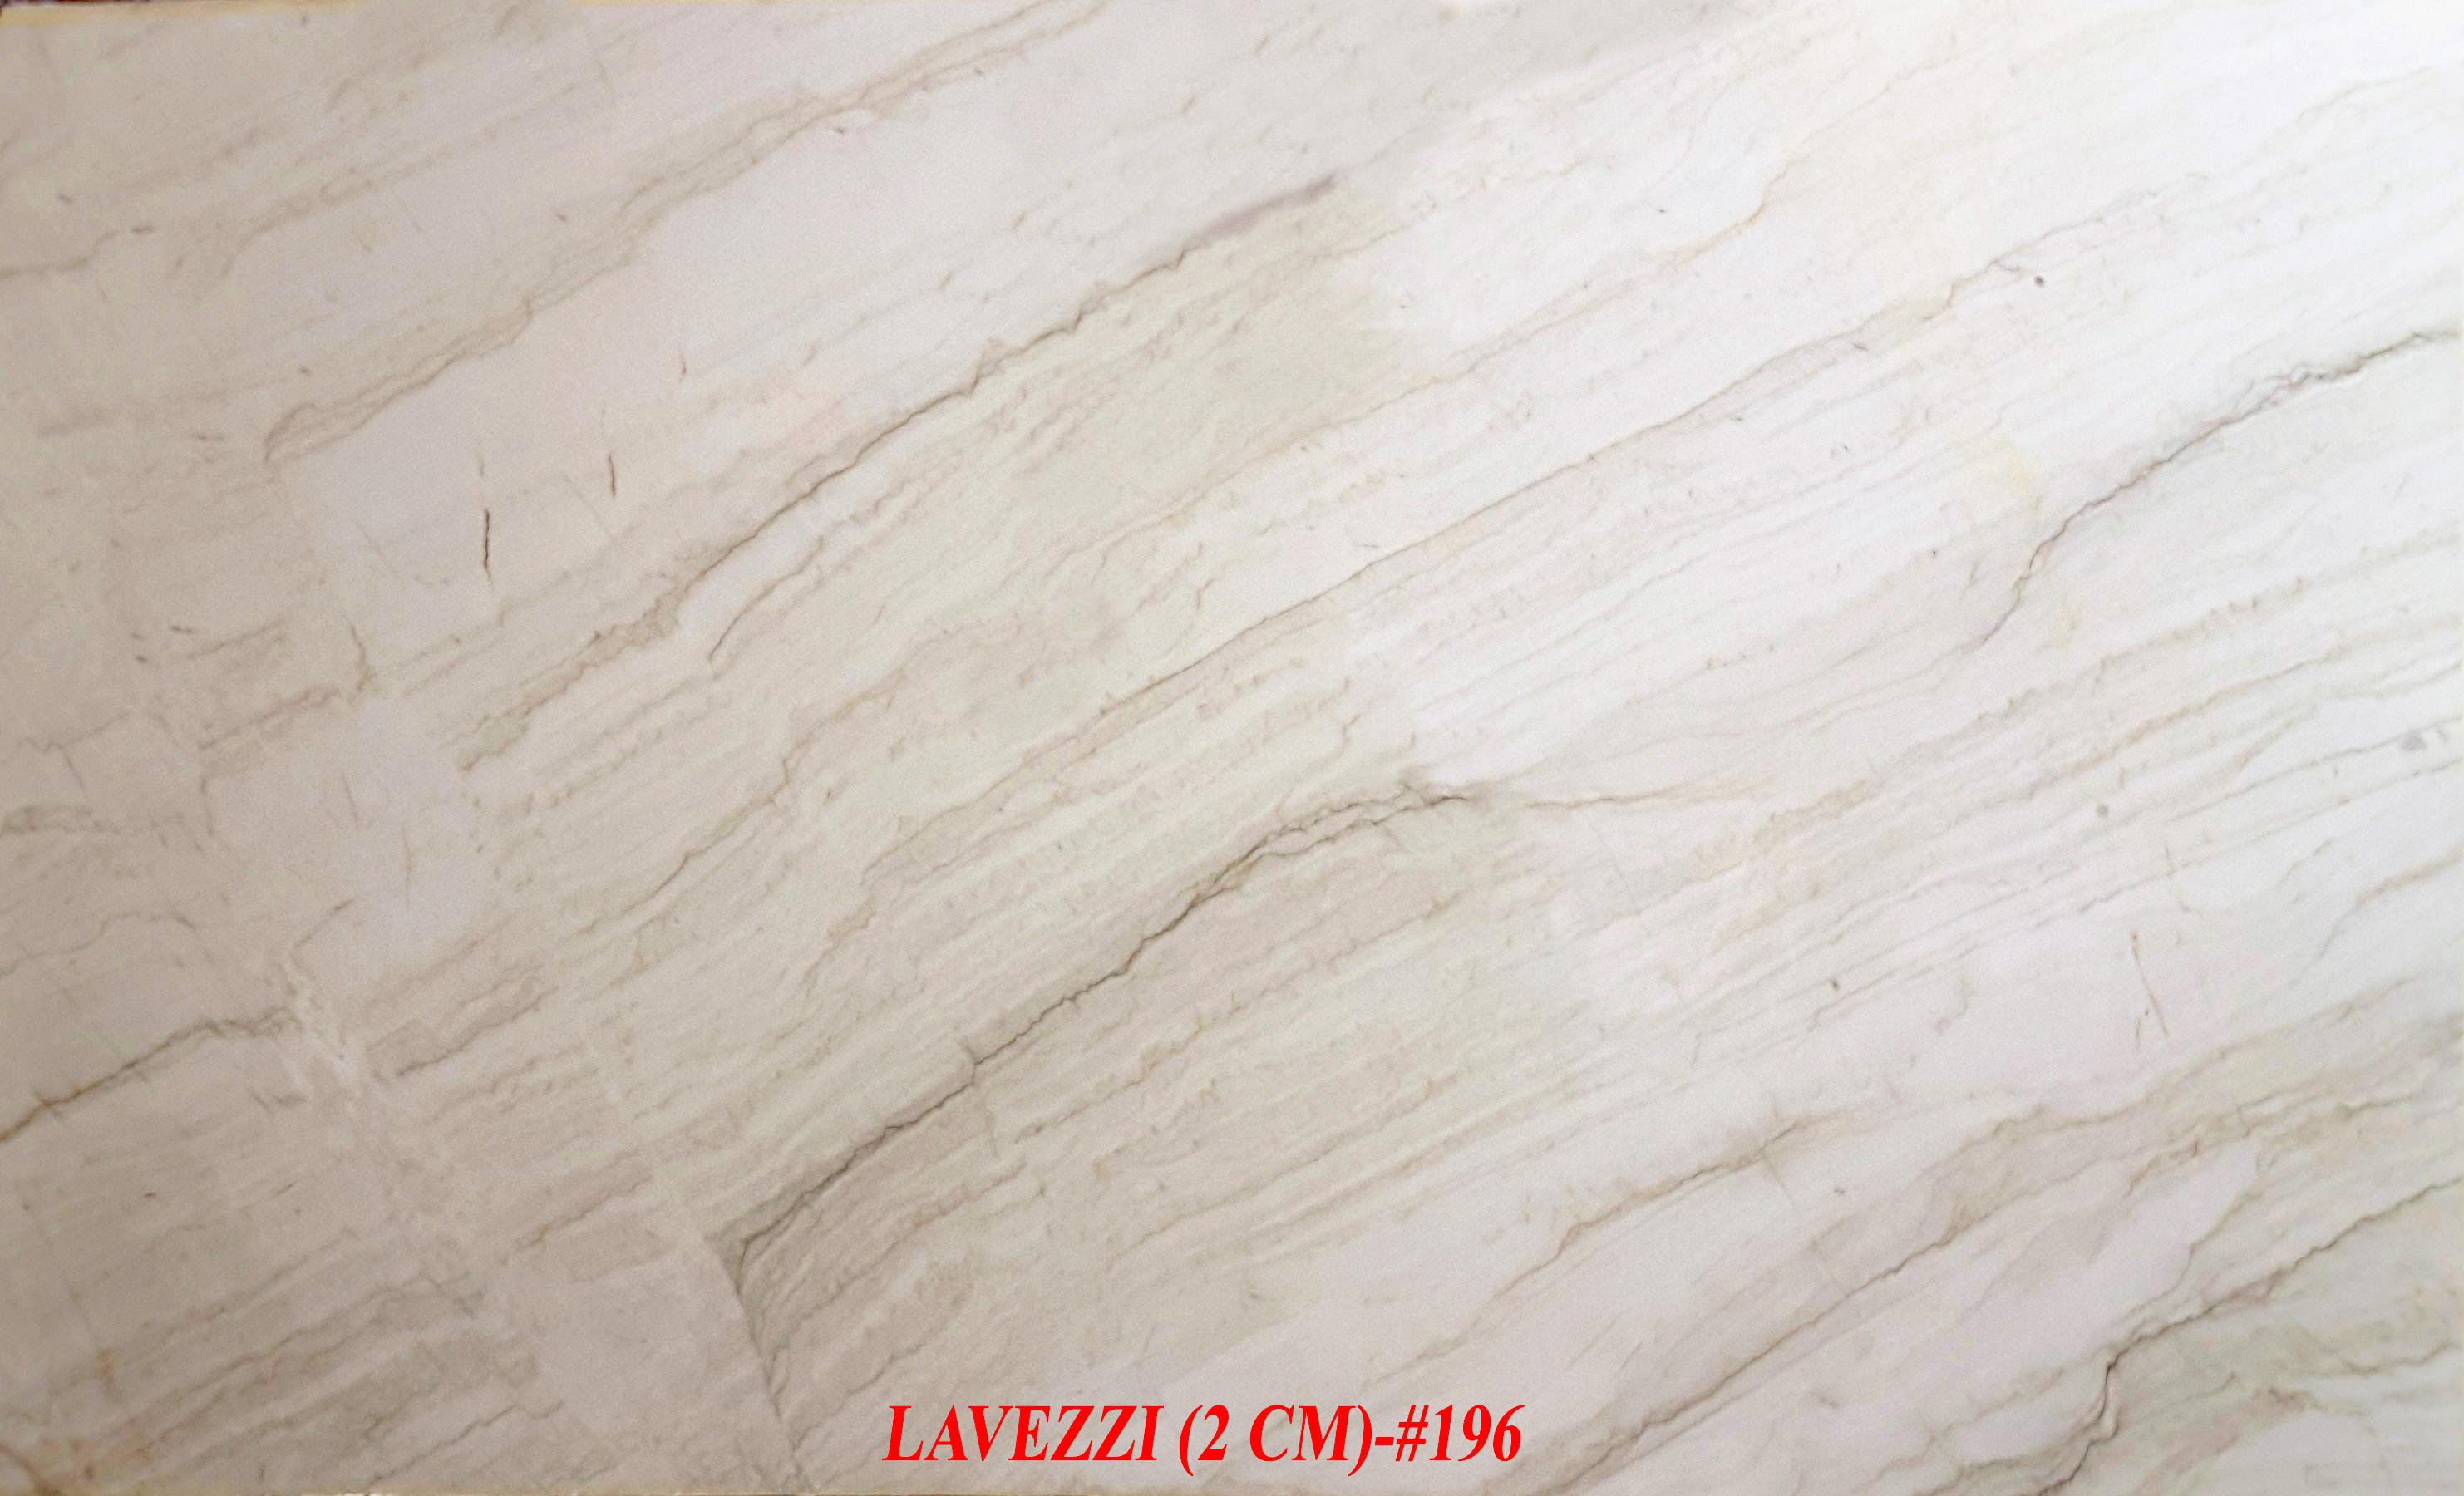 LAVEZZI (2 CM)-#196-42